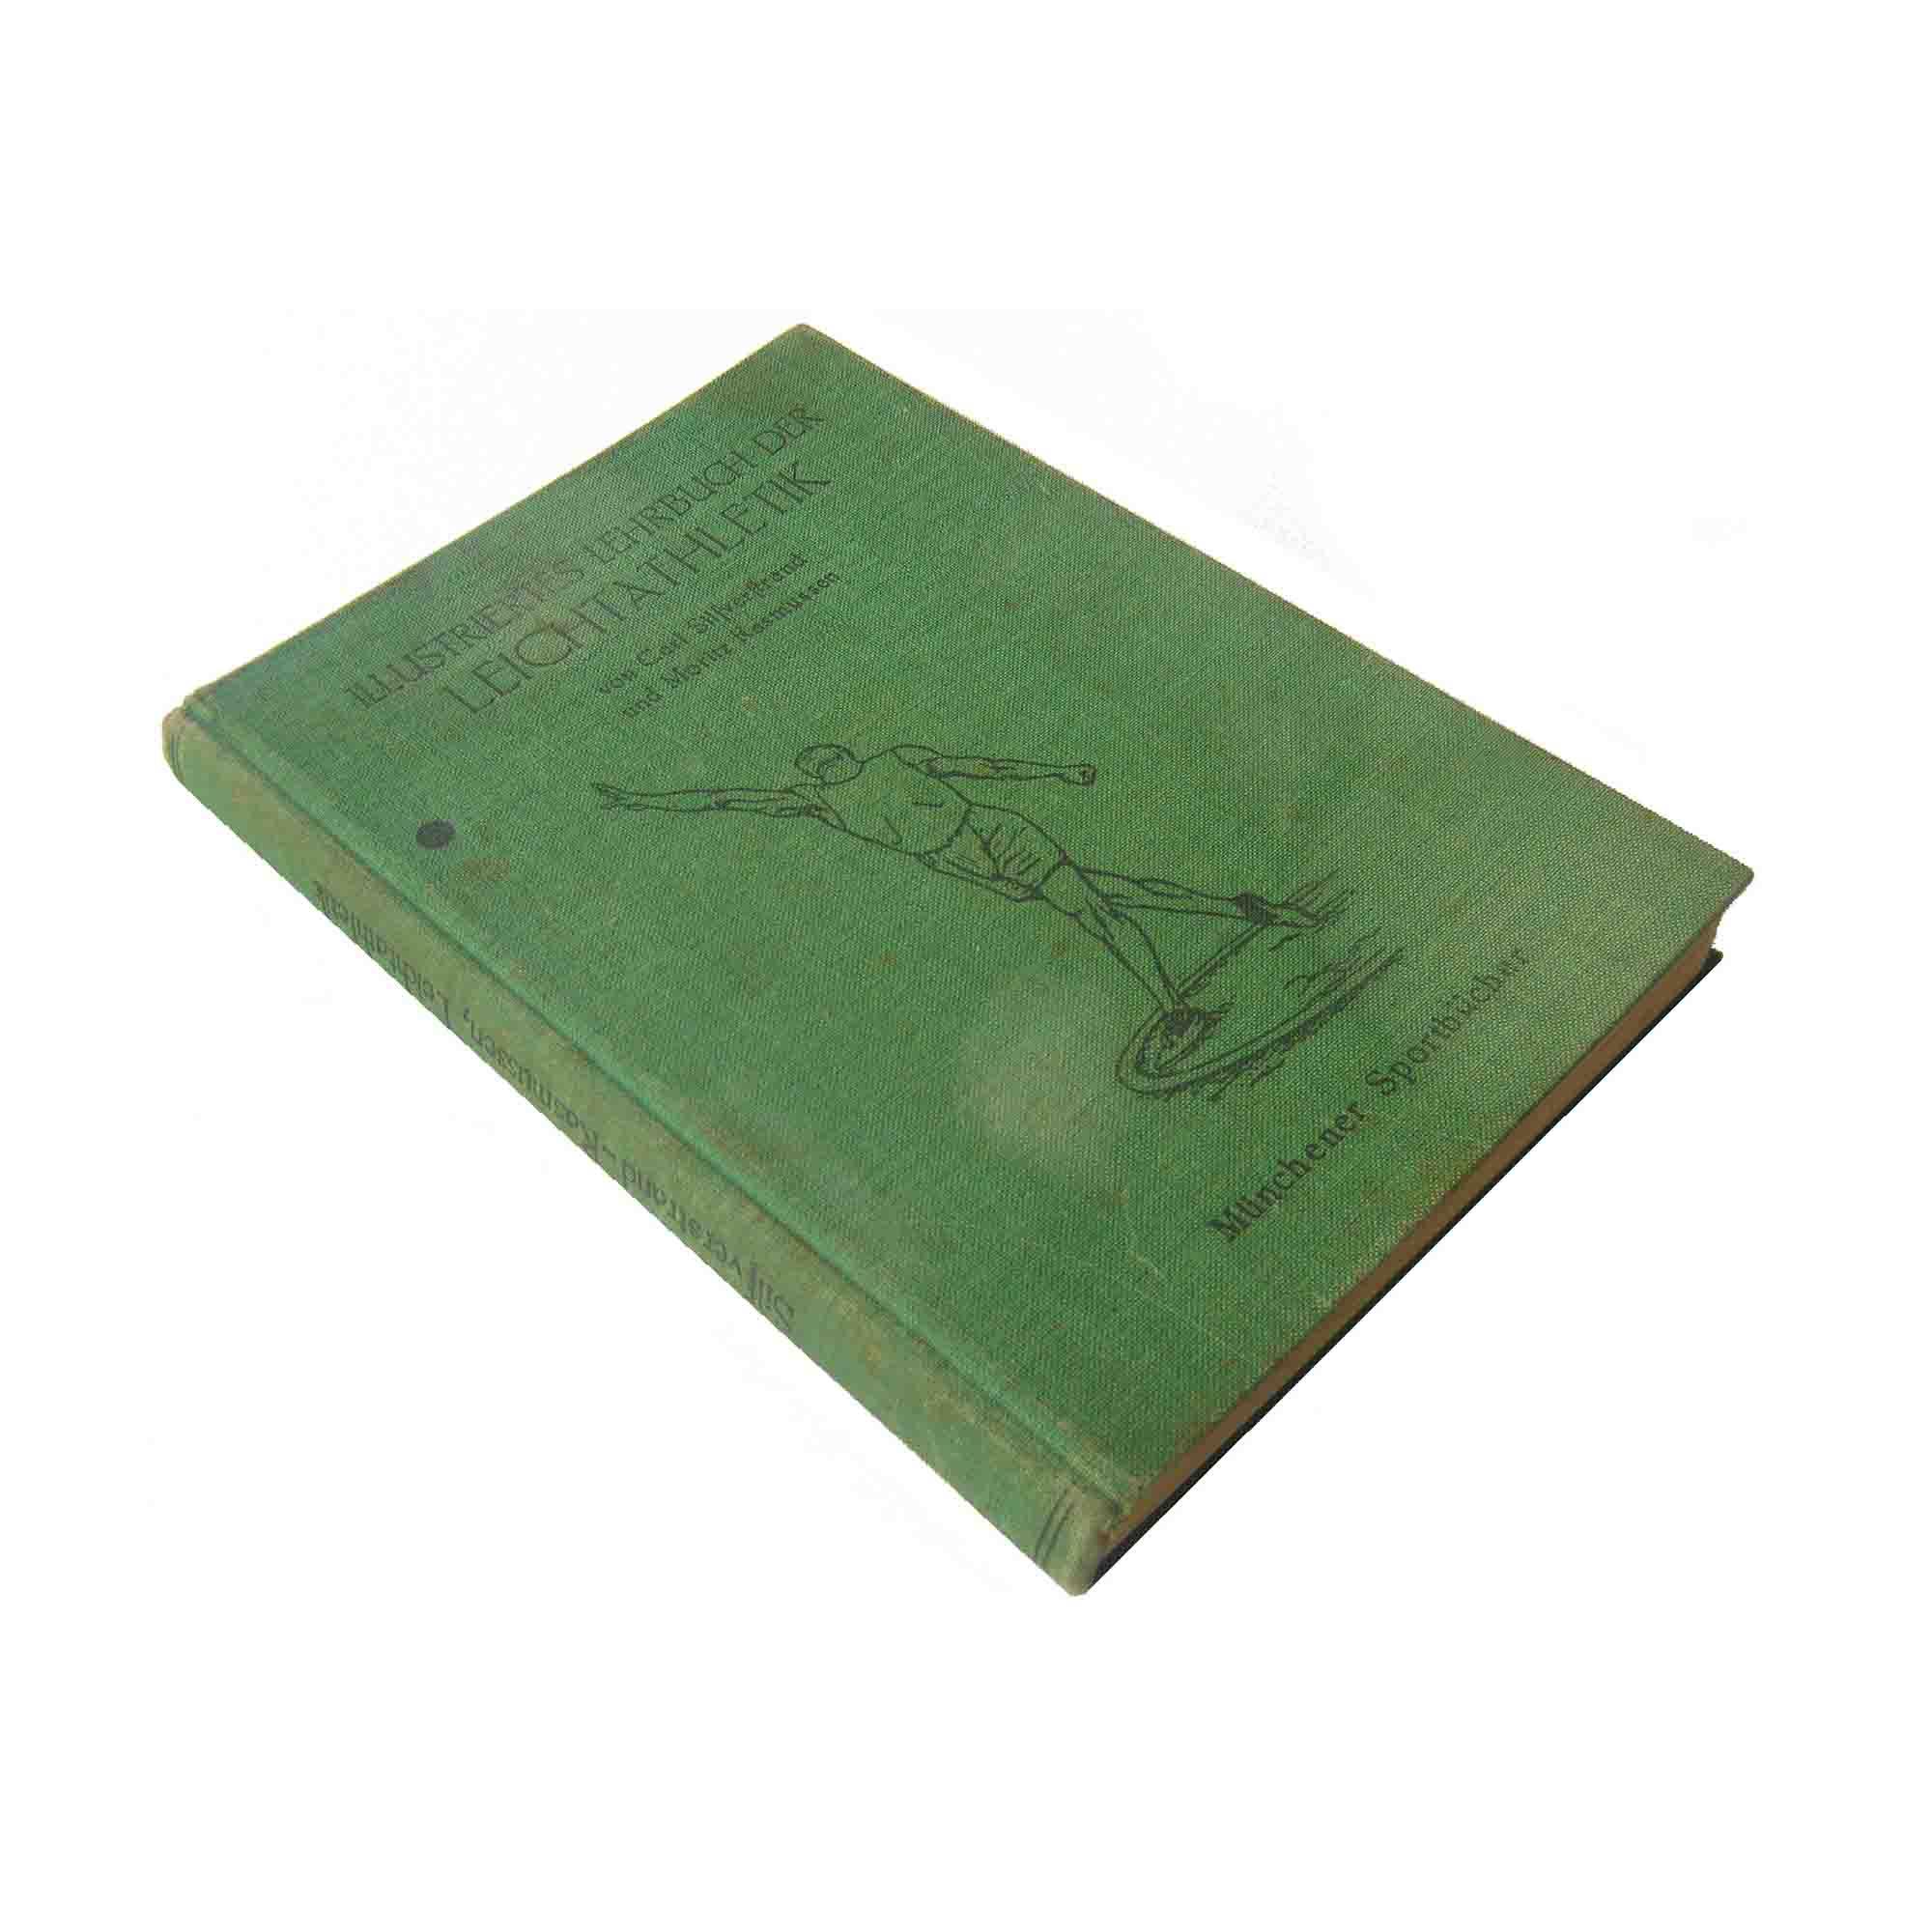 5478-Silfverstrand-Lehrbuch-Leichtathletik-1925-Einband-A-N.jpg